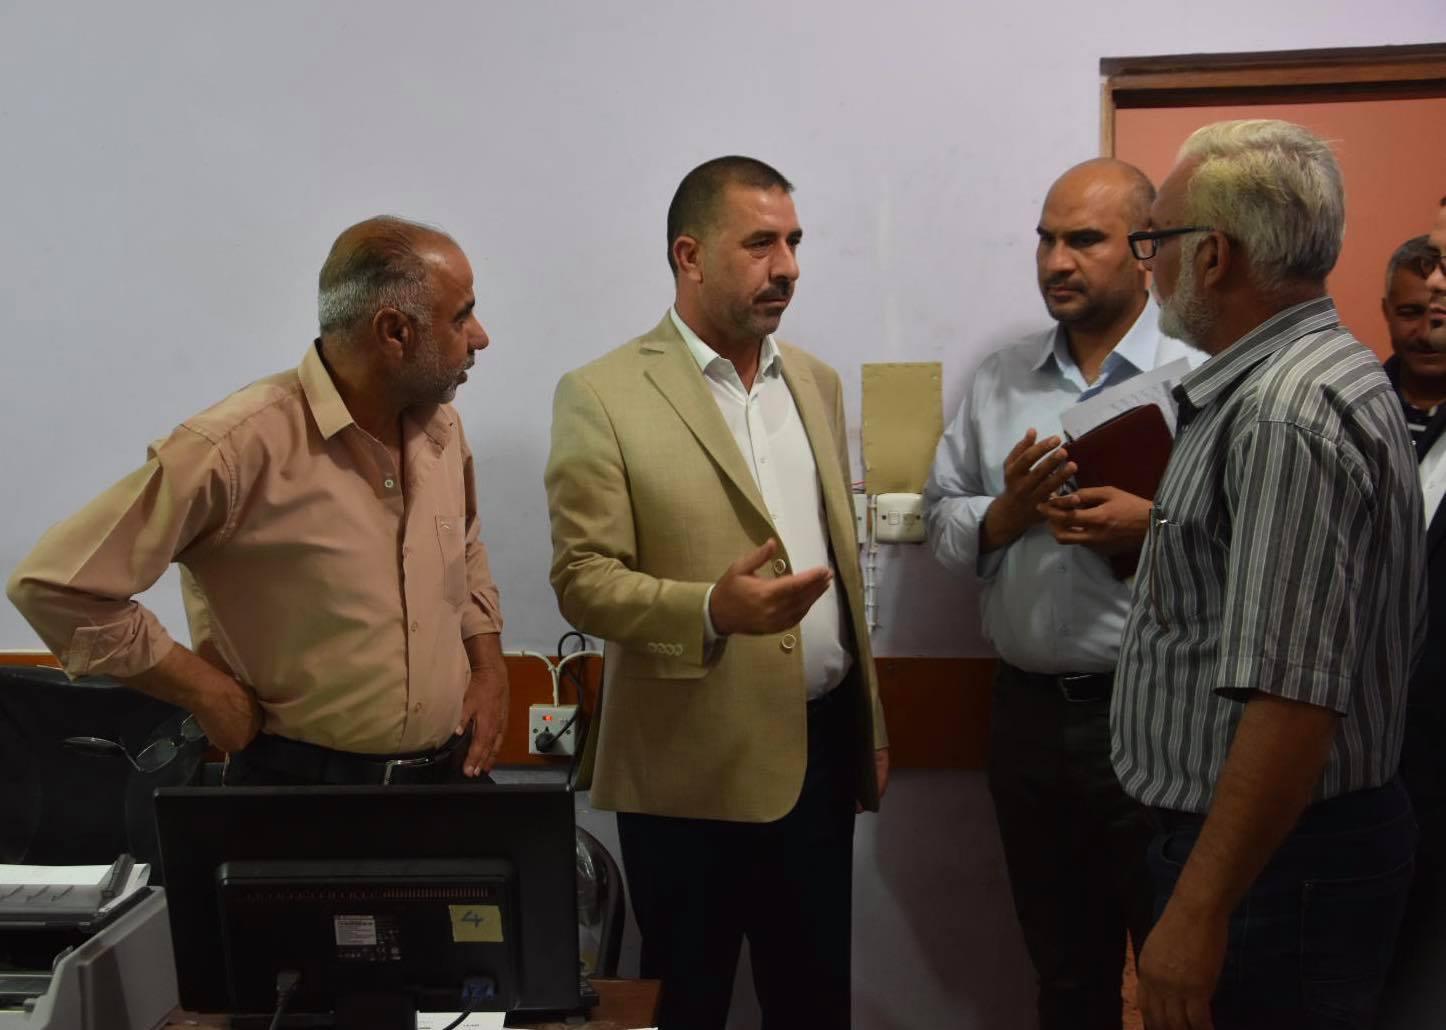 رئيس مجلس المحافظة يزور المجمع المخزني للحبوب ويتفقد سير العمل فيه